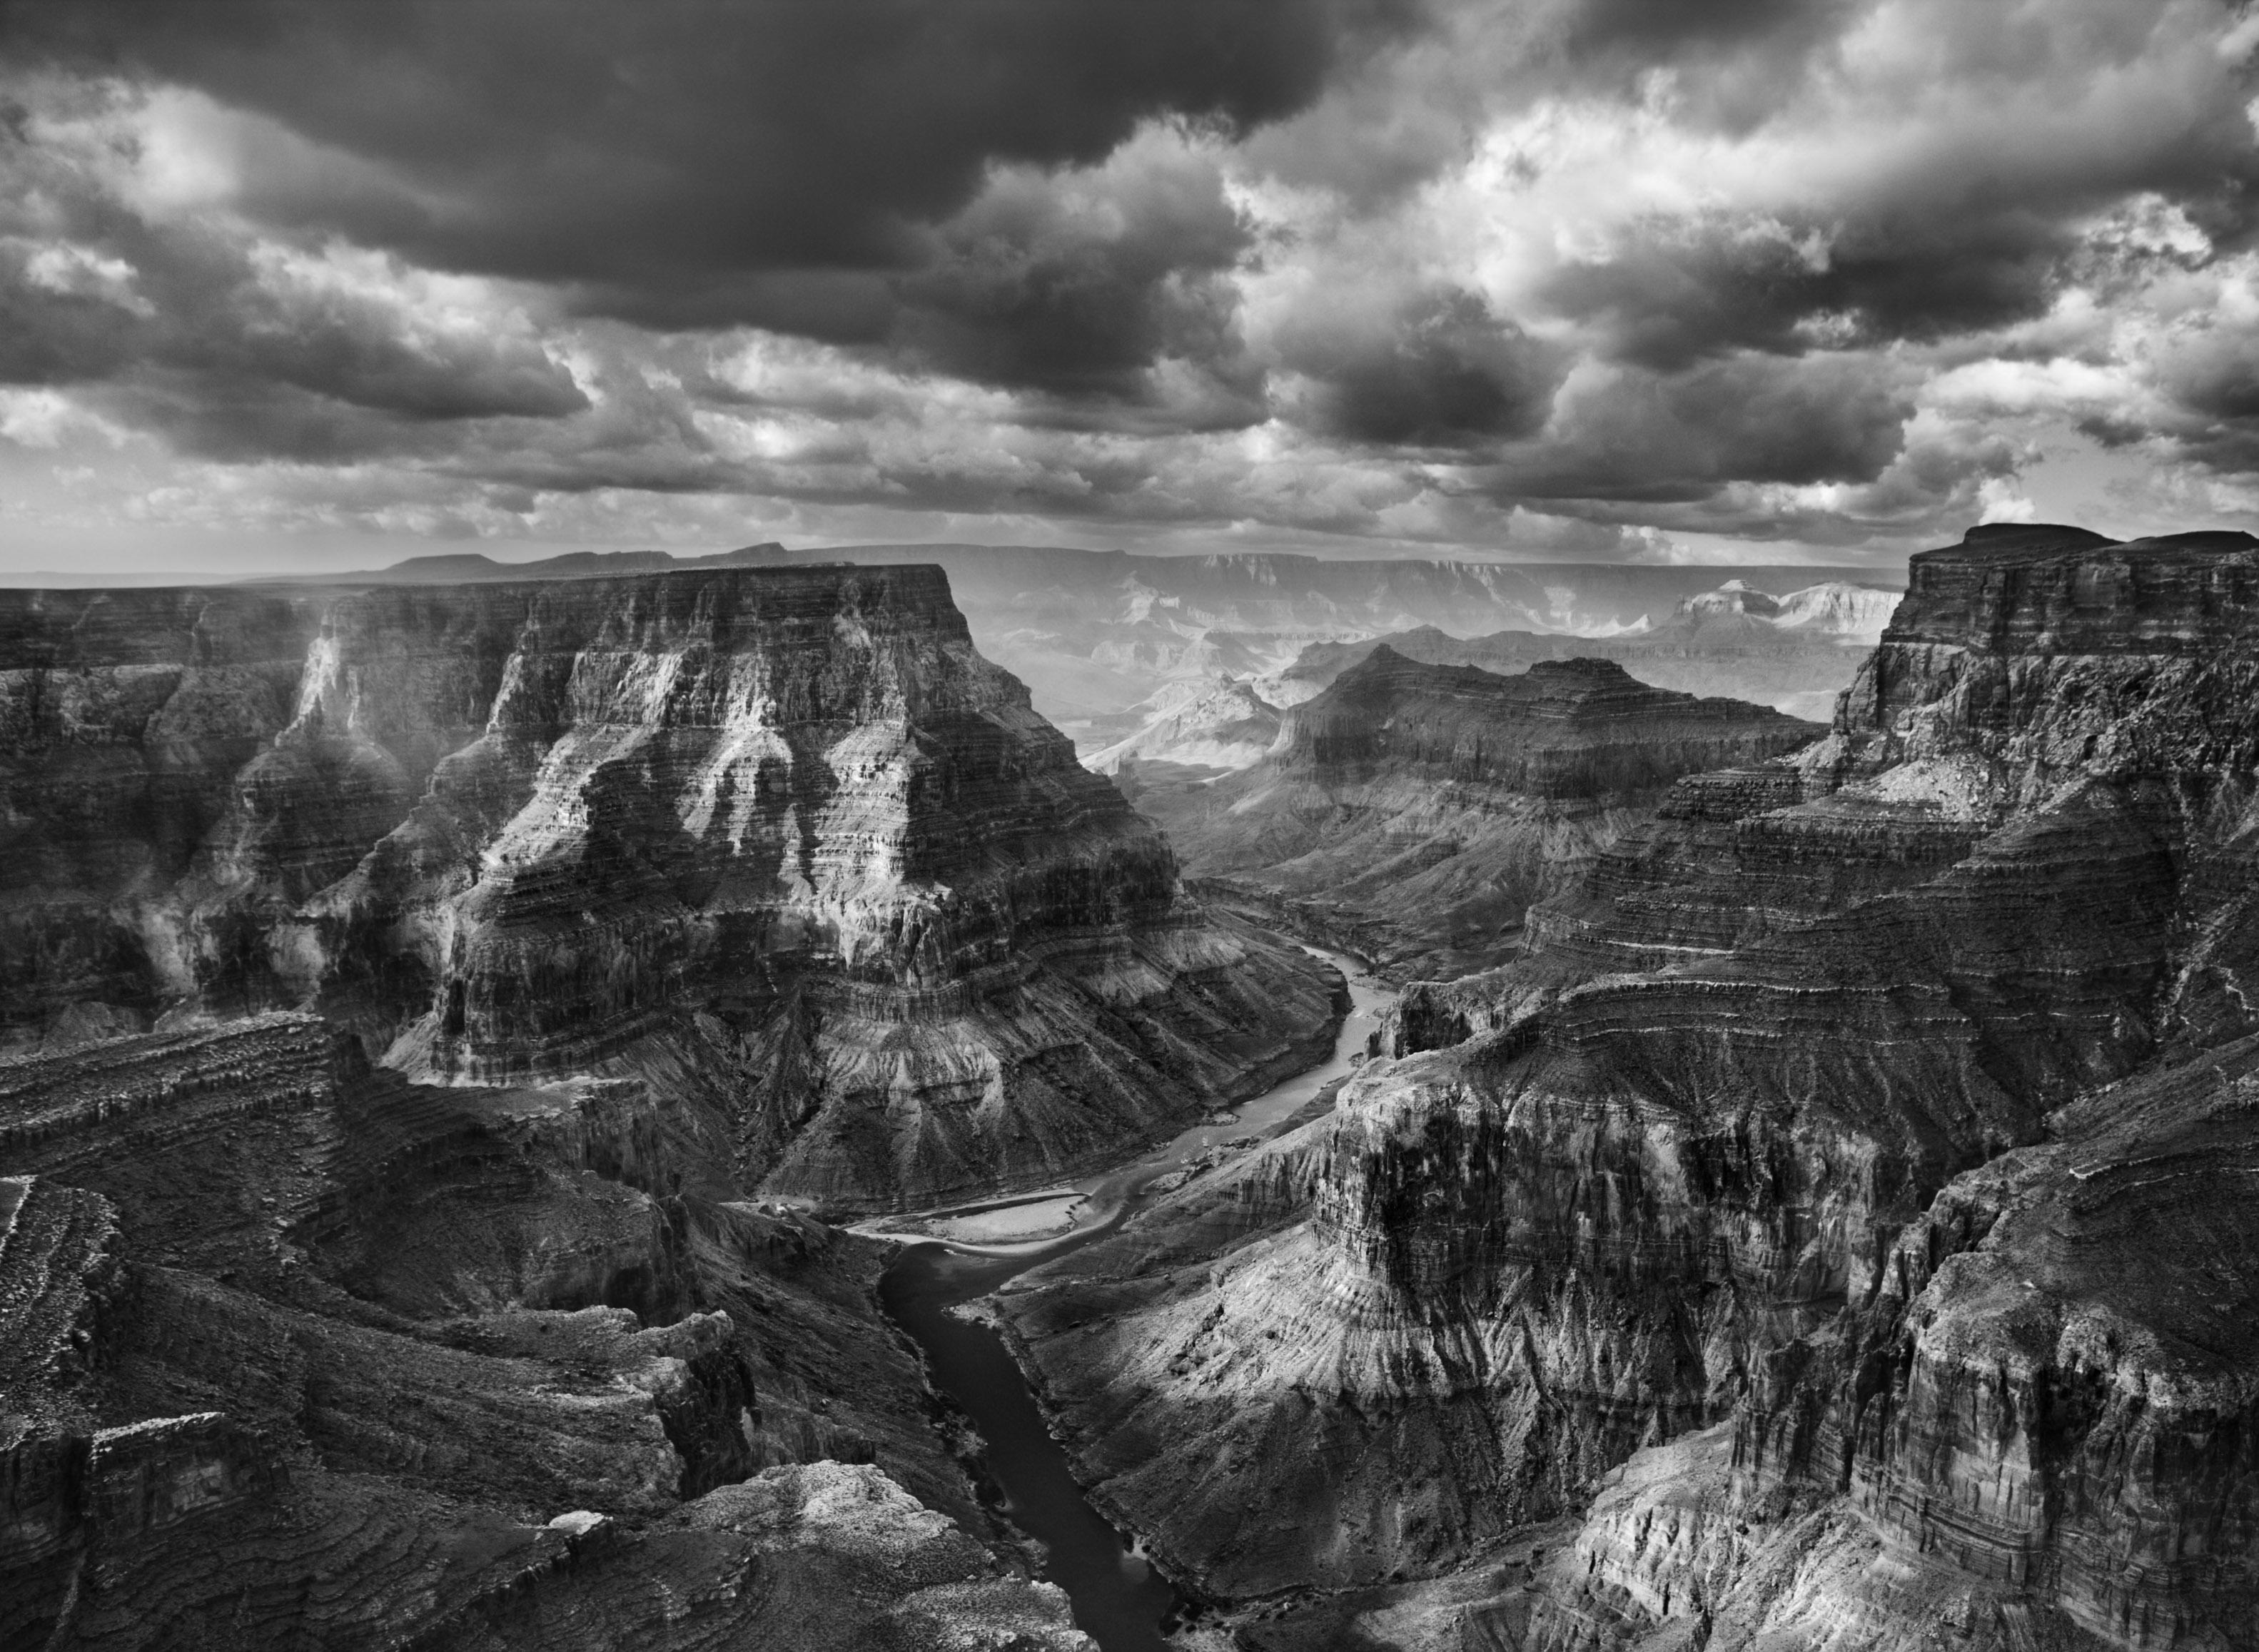 <p>Vista da confluência dos rios Colorado e Little Colorado, a partir do território navajo. O Parque Nacional do Grand Canyon começa após esta junção. Arizona, EUA. 2010.</p>